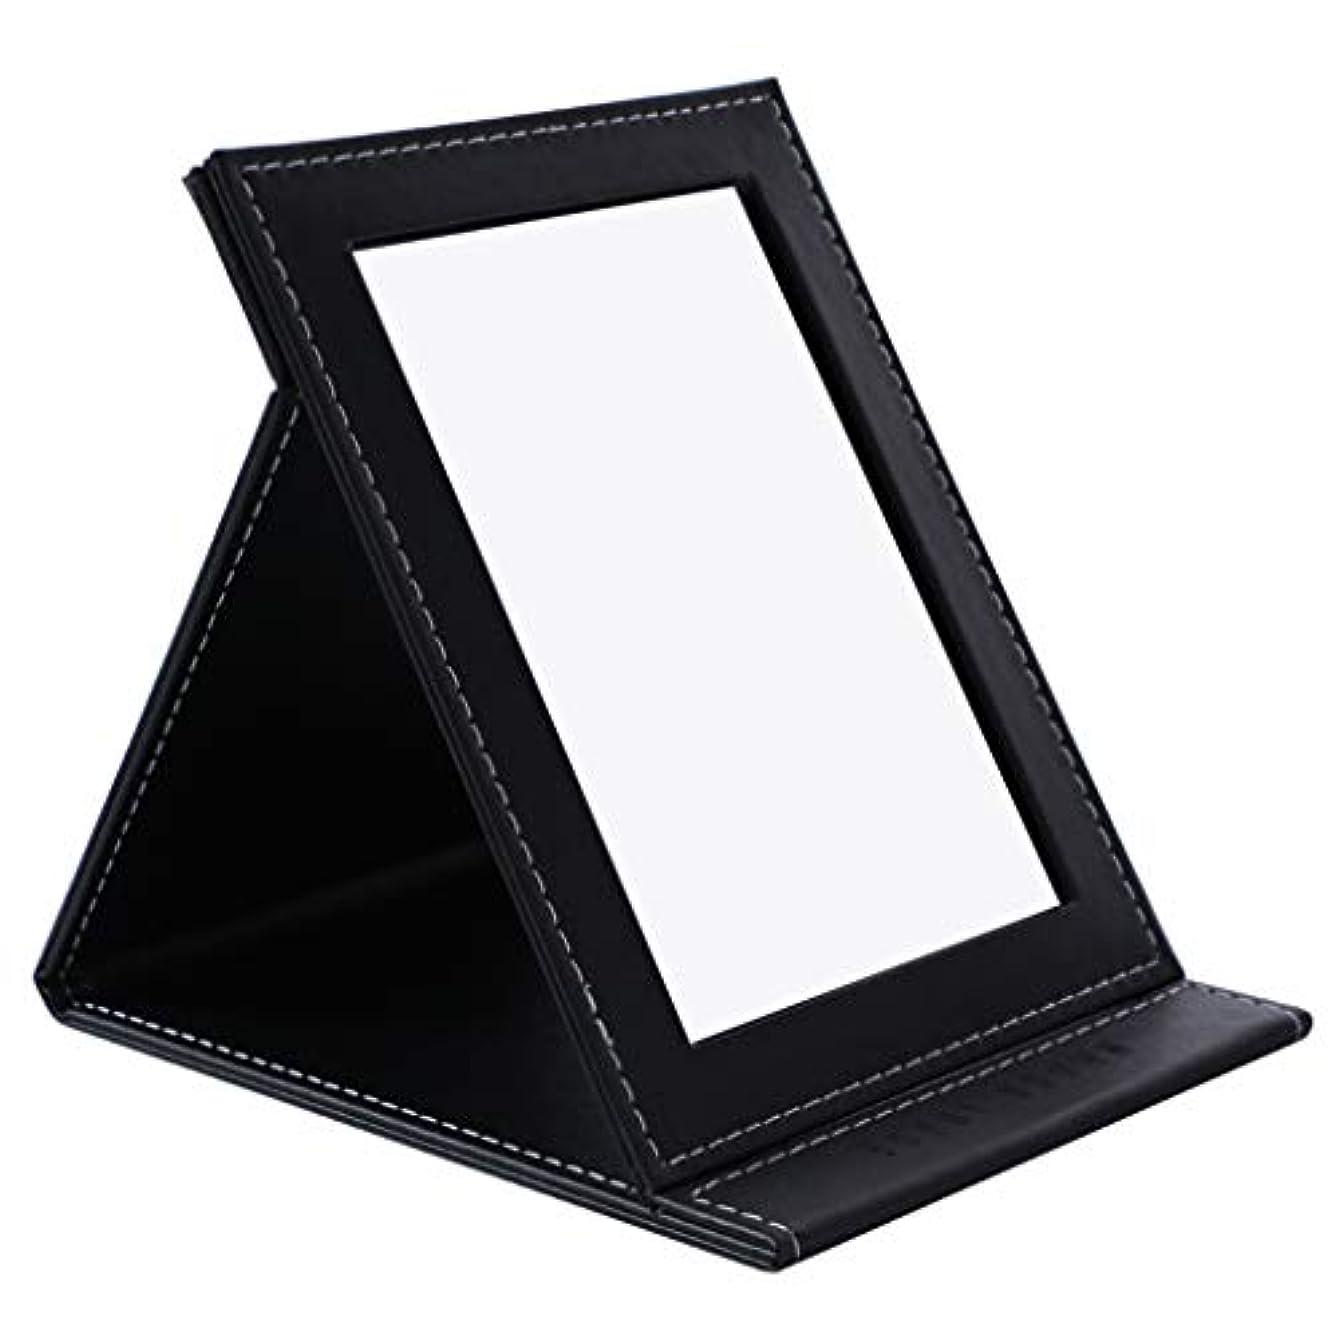 におい子供っぽいセンブランスデスクトップの虚栄心ミラーHD折りたたみミラー卓上化粧鏡ポータブル用女の子学生女性,黒